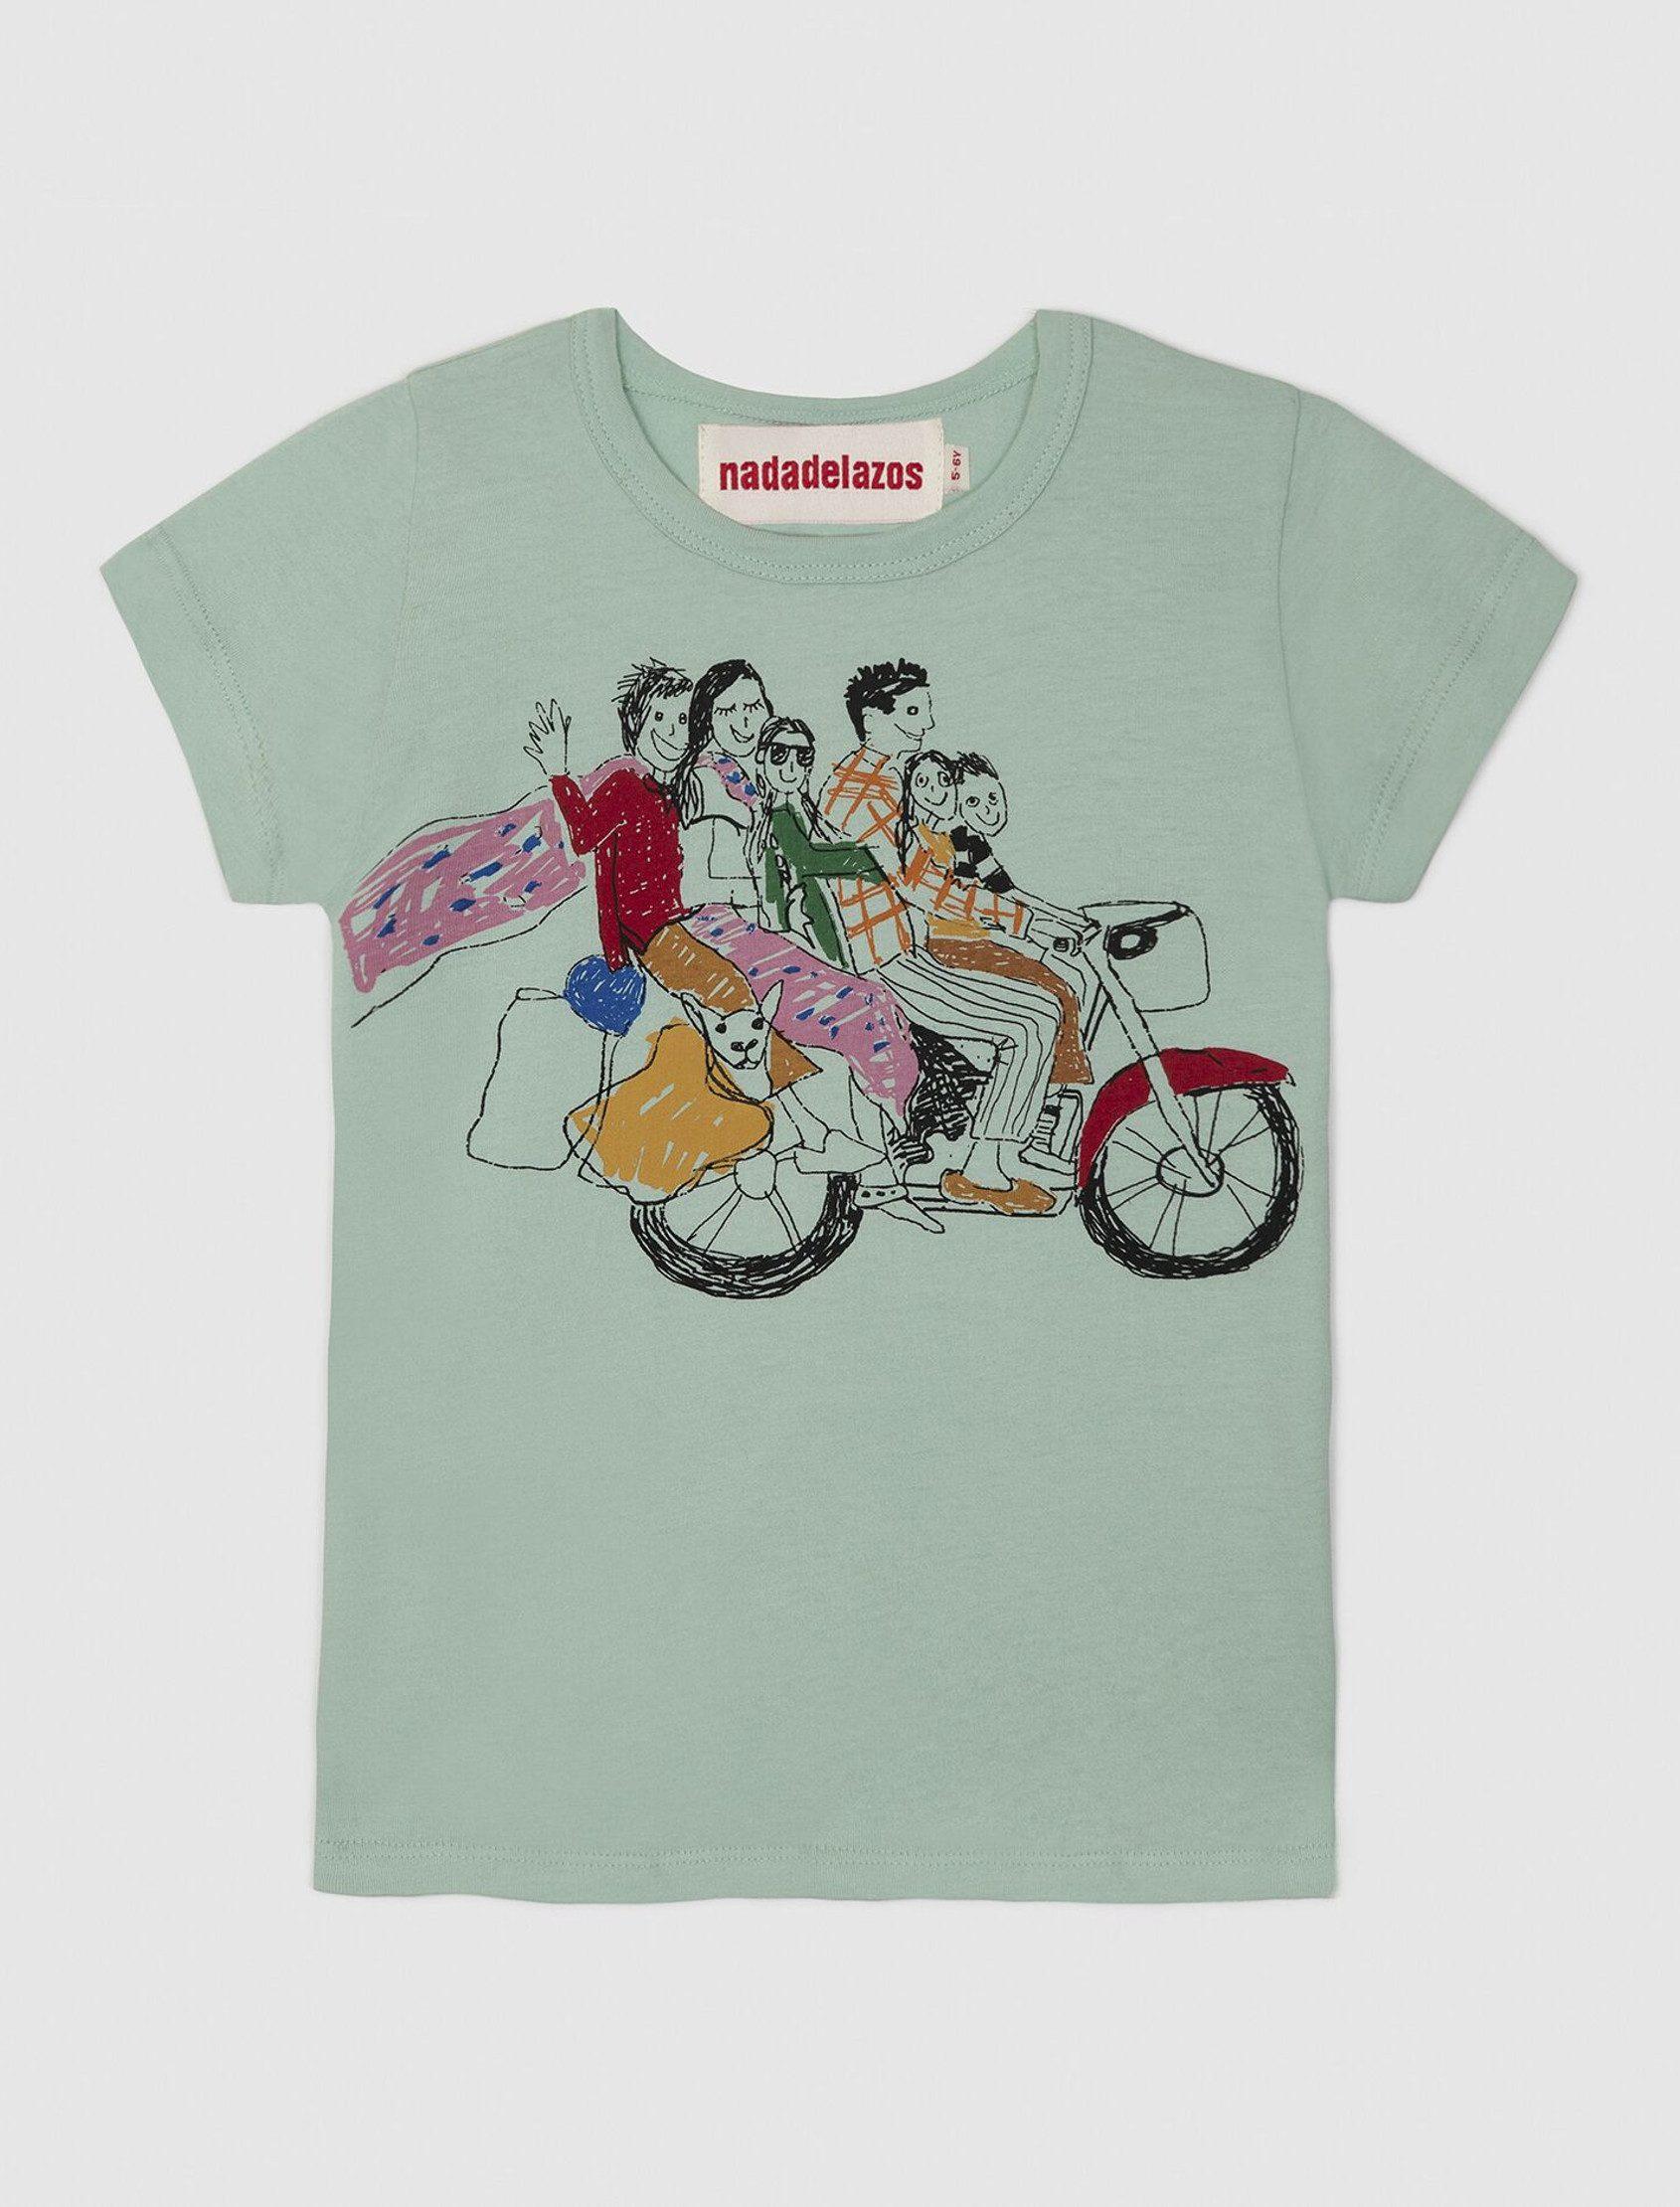 Camiseta de manga corta con estampado local Six in a bike de Nadadelazos colección ss20. Los tamaños pequeños tienen una abertura con broches en el hombro izquierdo.